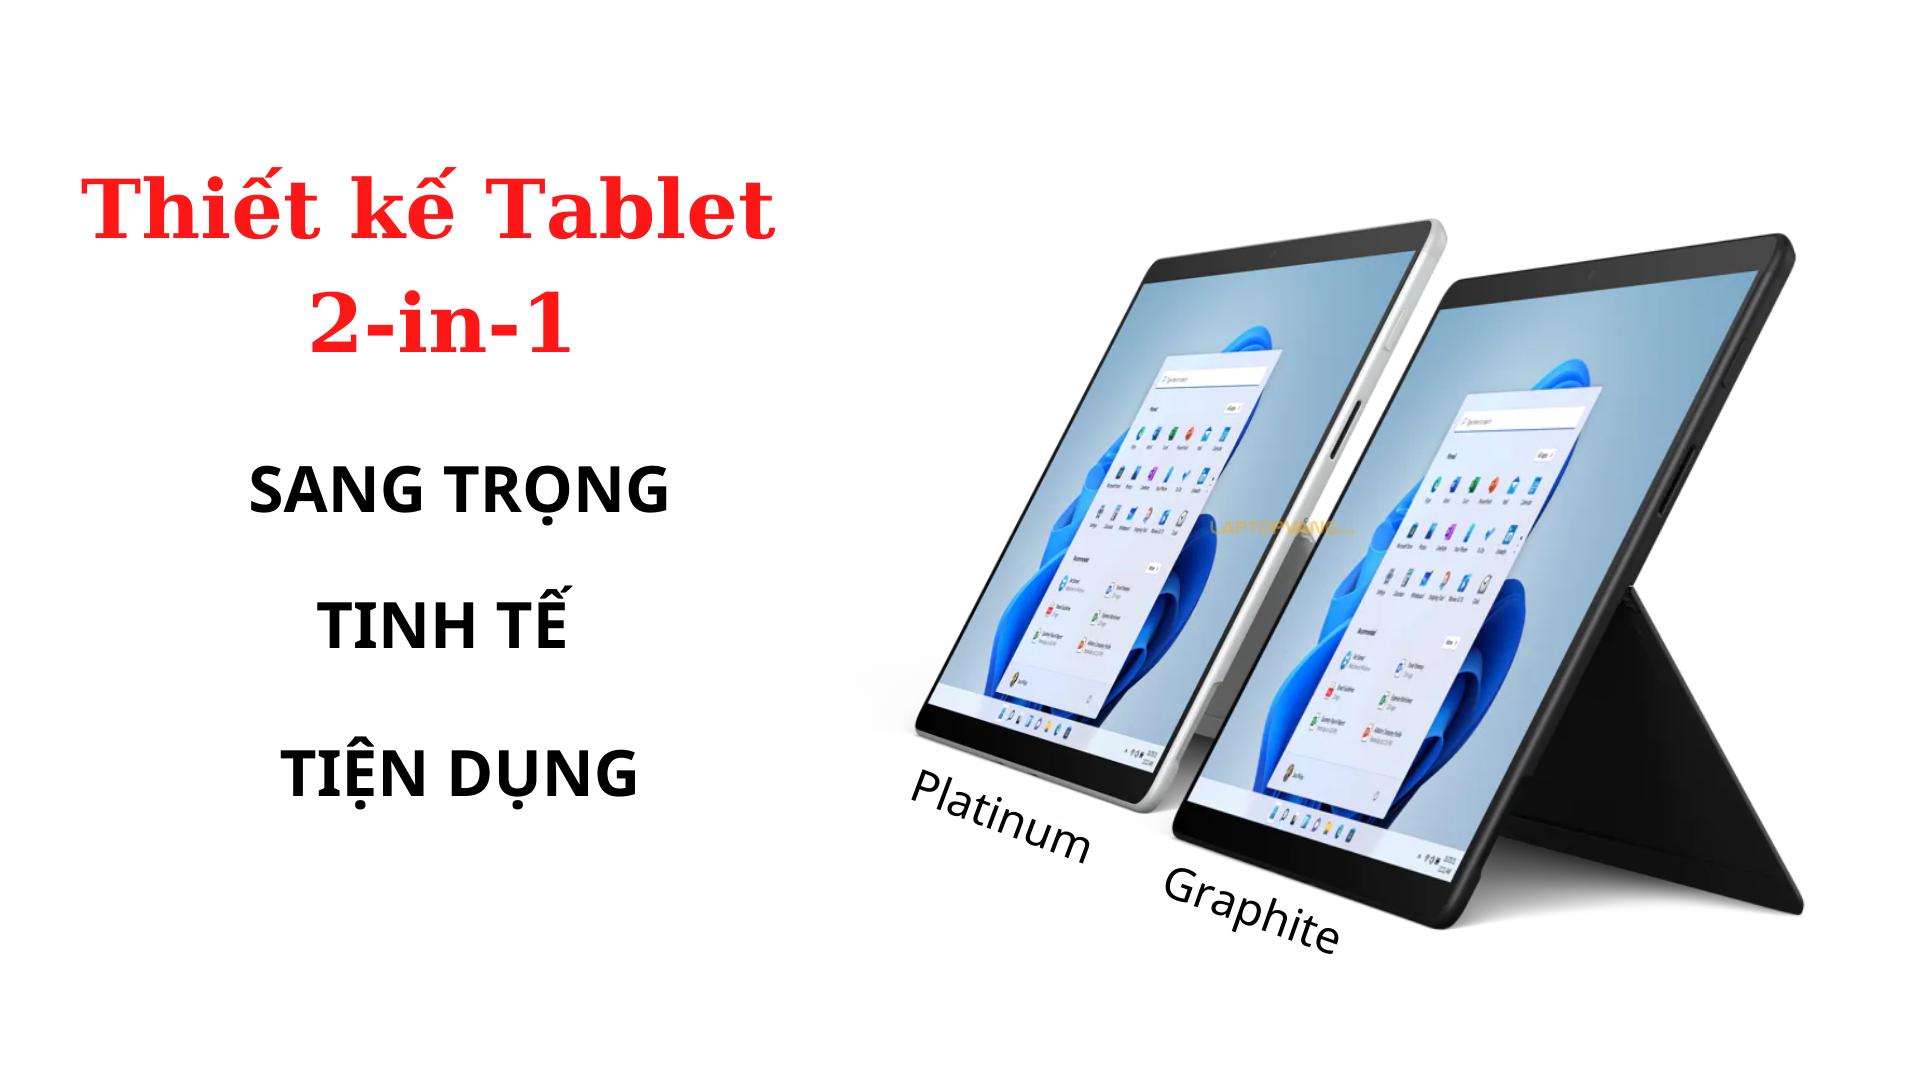 Thiết kế trên Surface Pro 8 laptopvang